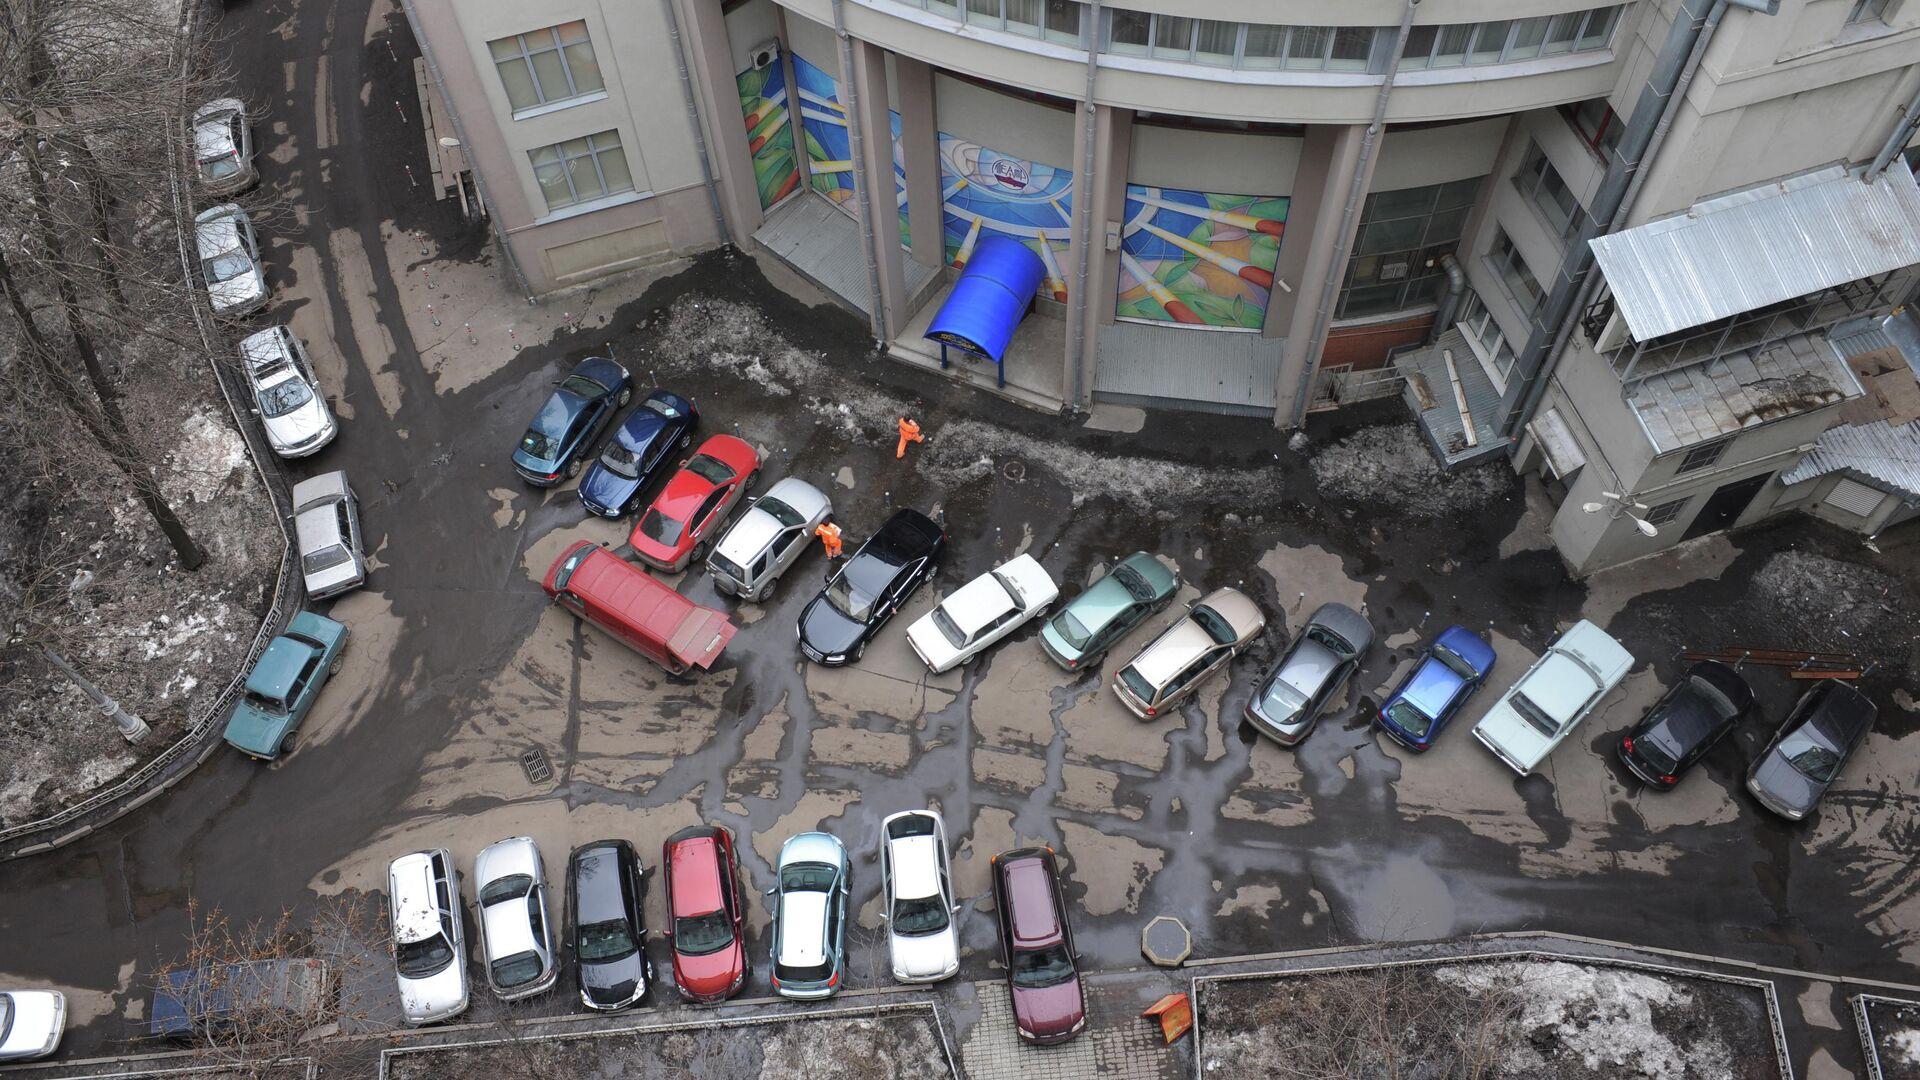 Припаркованные автомобили во одном из дворов на улице Серафимовича - РИА Новости, 1920, 31.05.2021